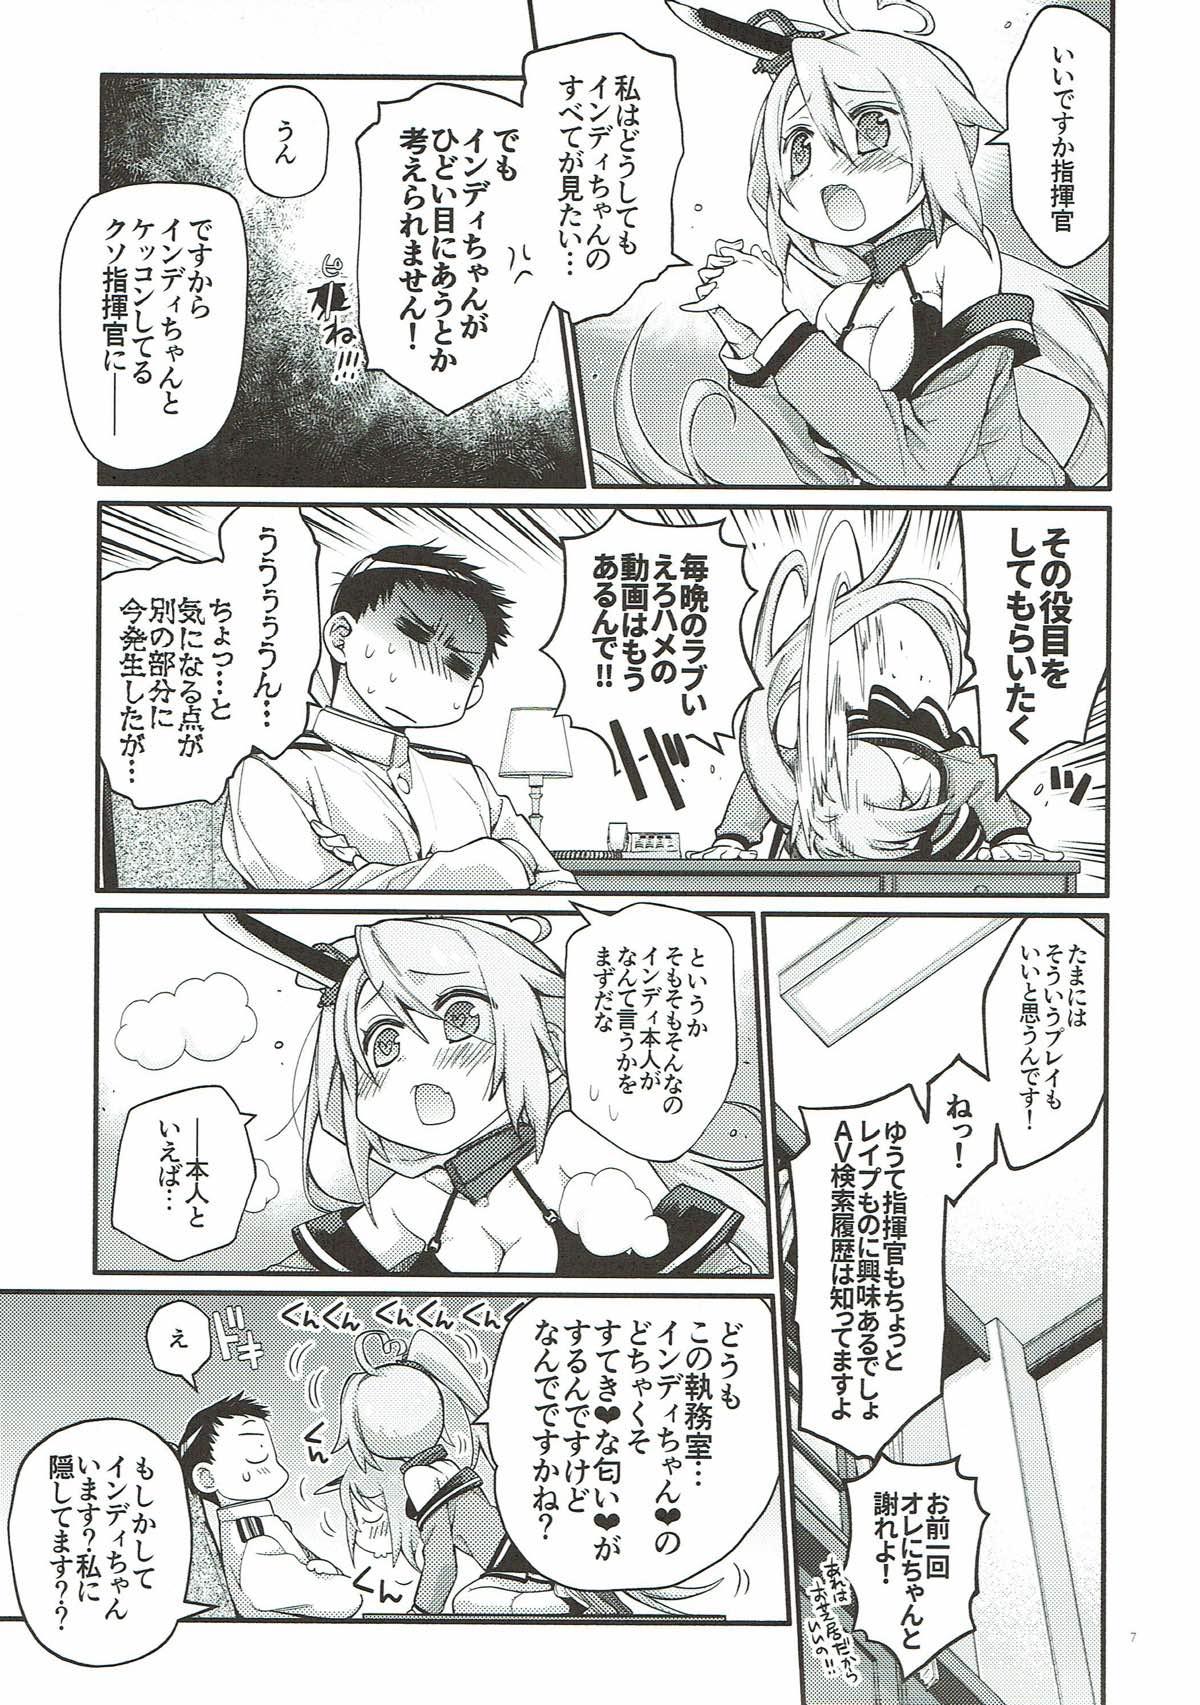 ほんと、あの、お姉ちゃんが色々ヒドくてごめん・・・私、指揮官になら、むりやりされてみたいなって・・・ちょっと思った・・・【アズールレーン エロ漫画・エロ同人】 (4)